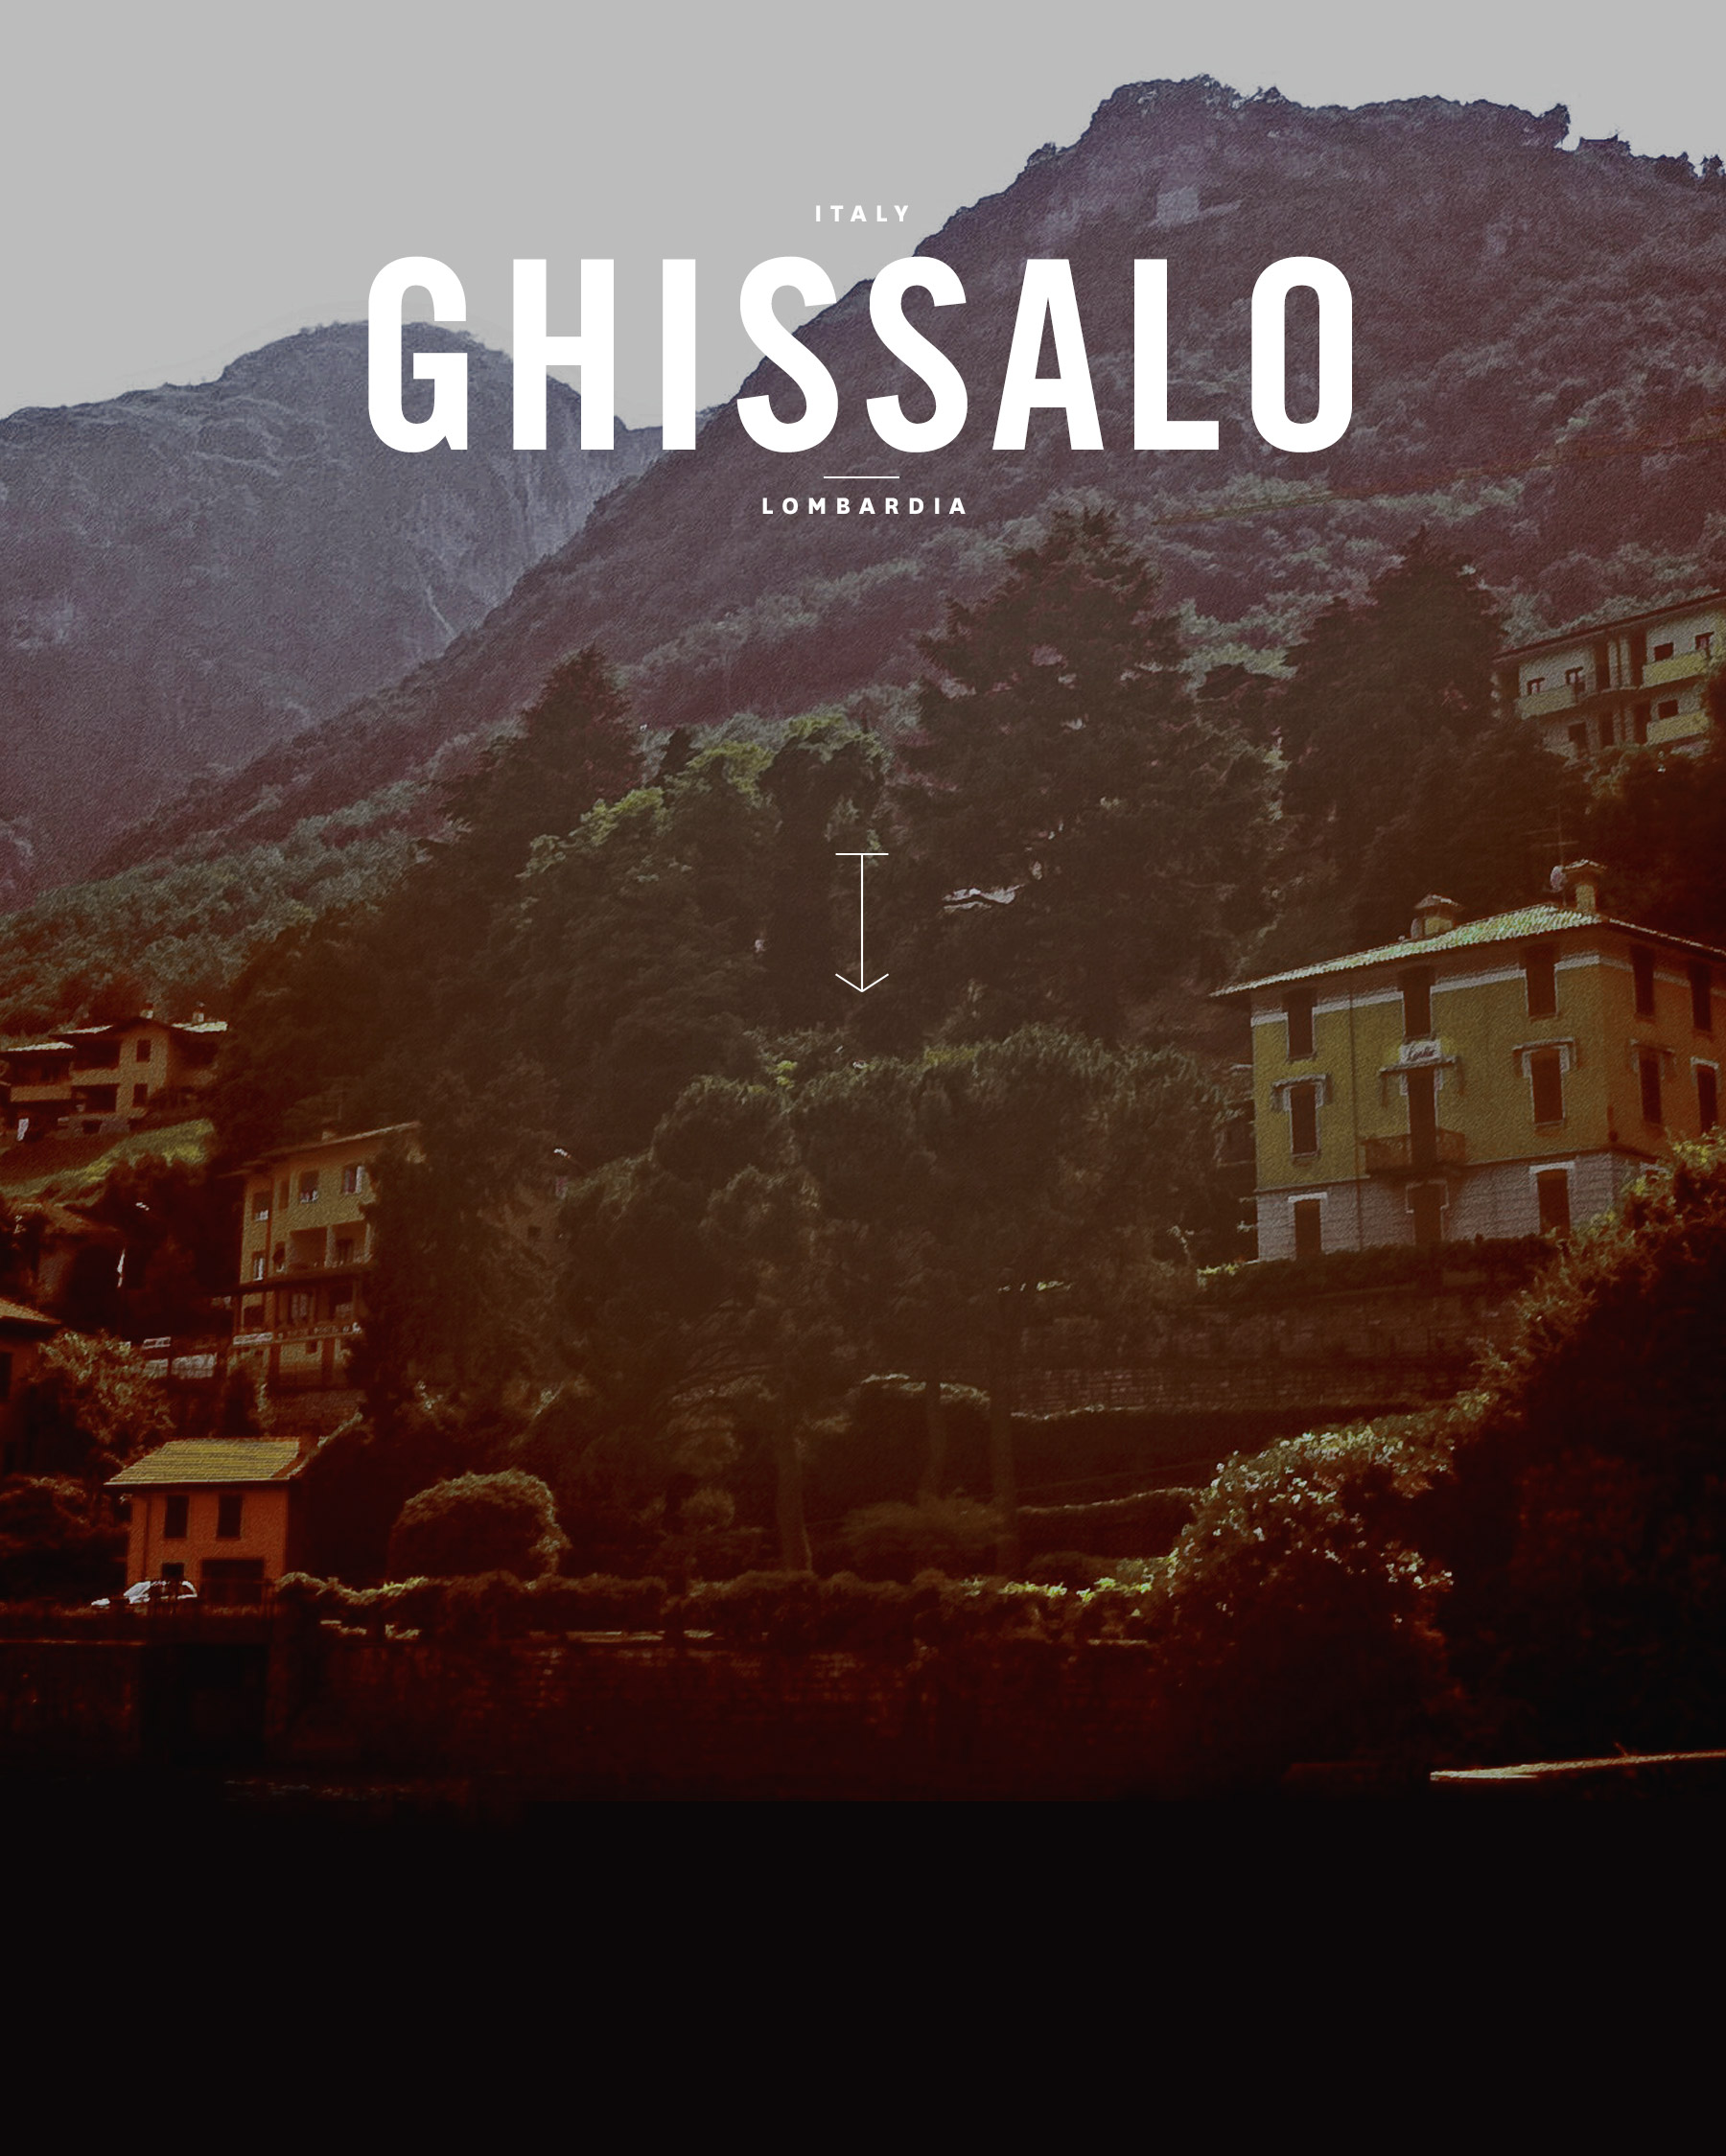 JE_Main_Ghissalo00